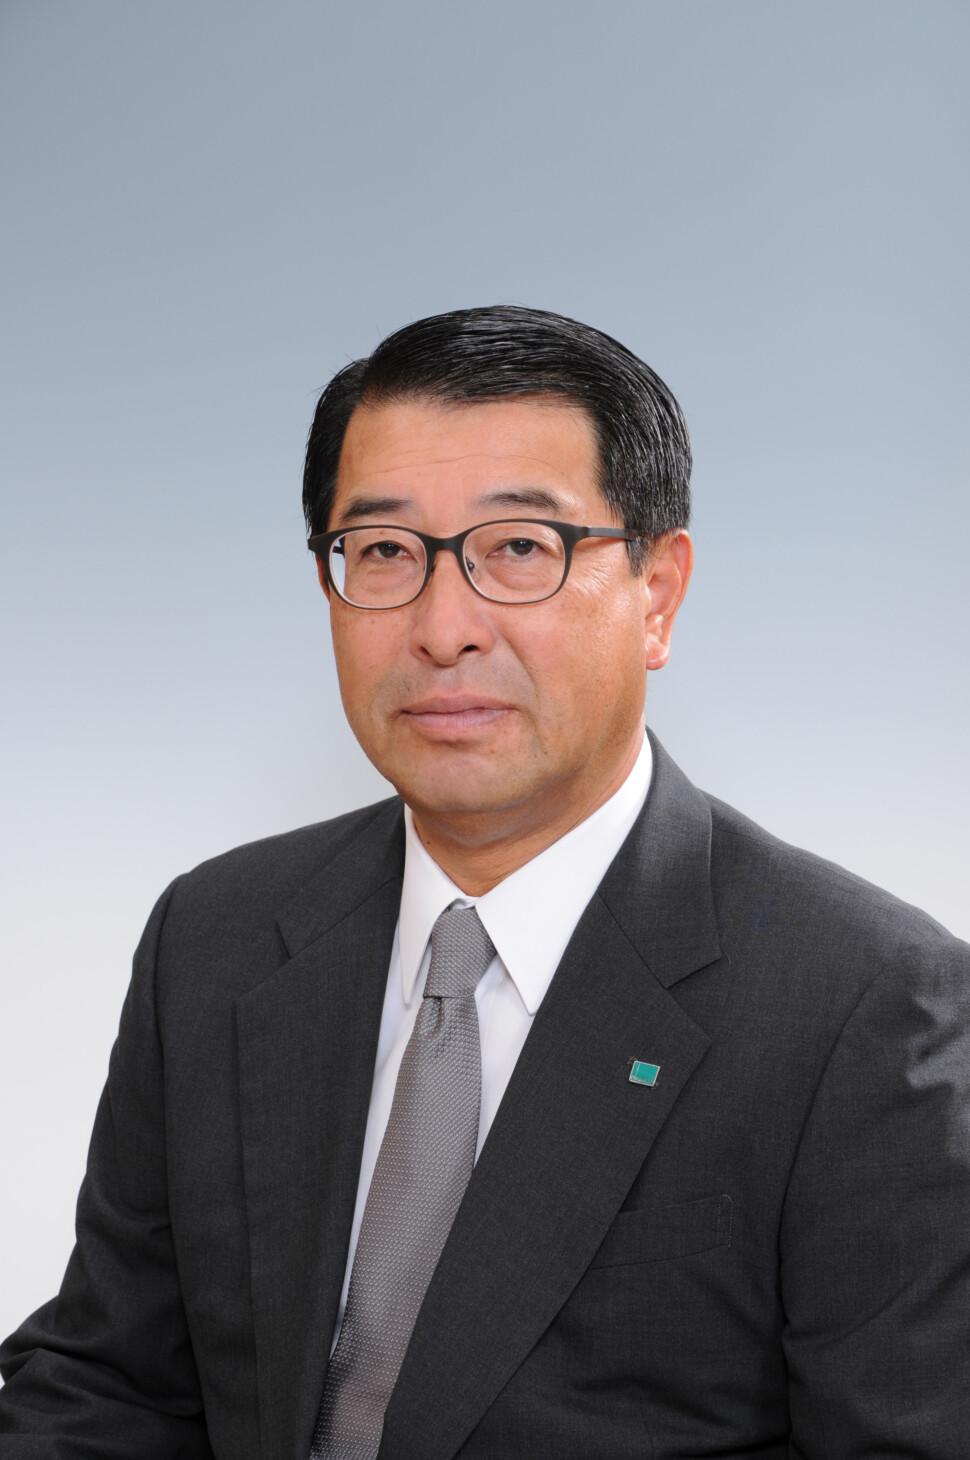 岡本良幸新社長